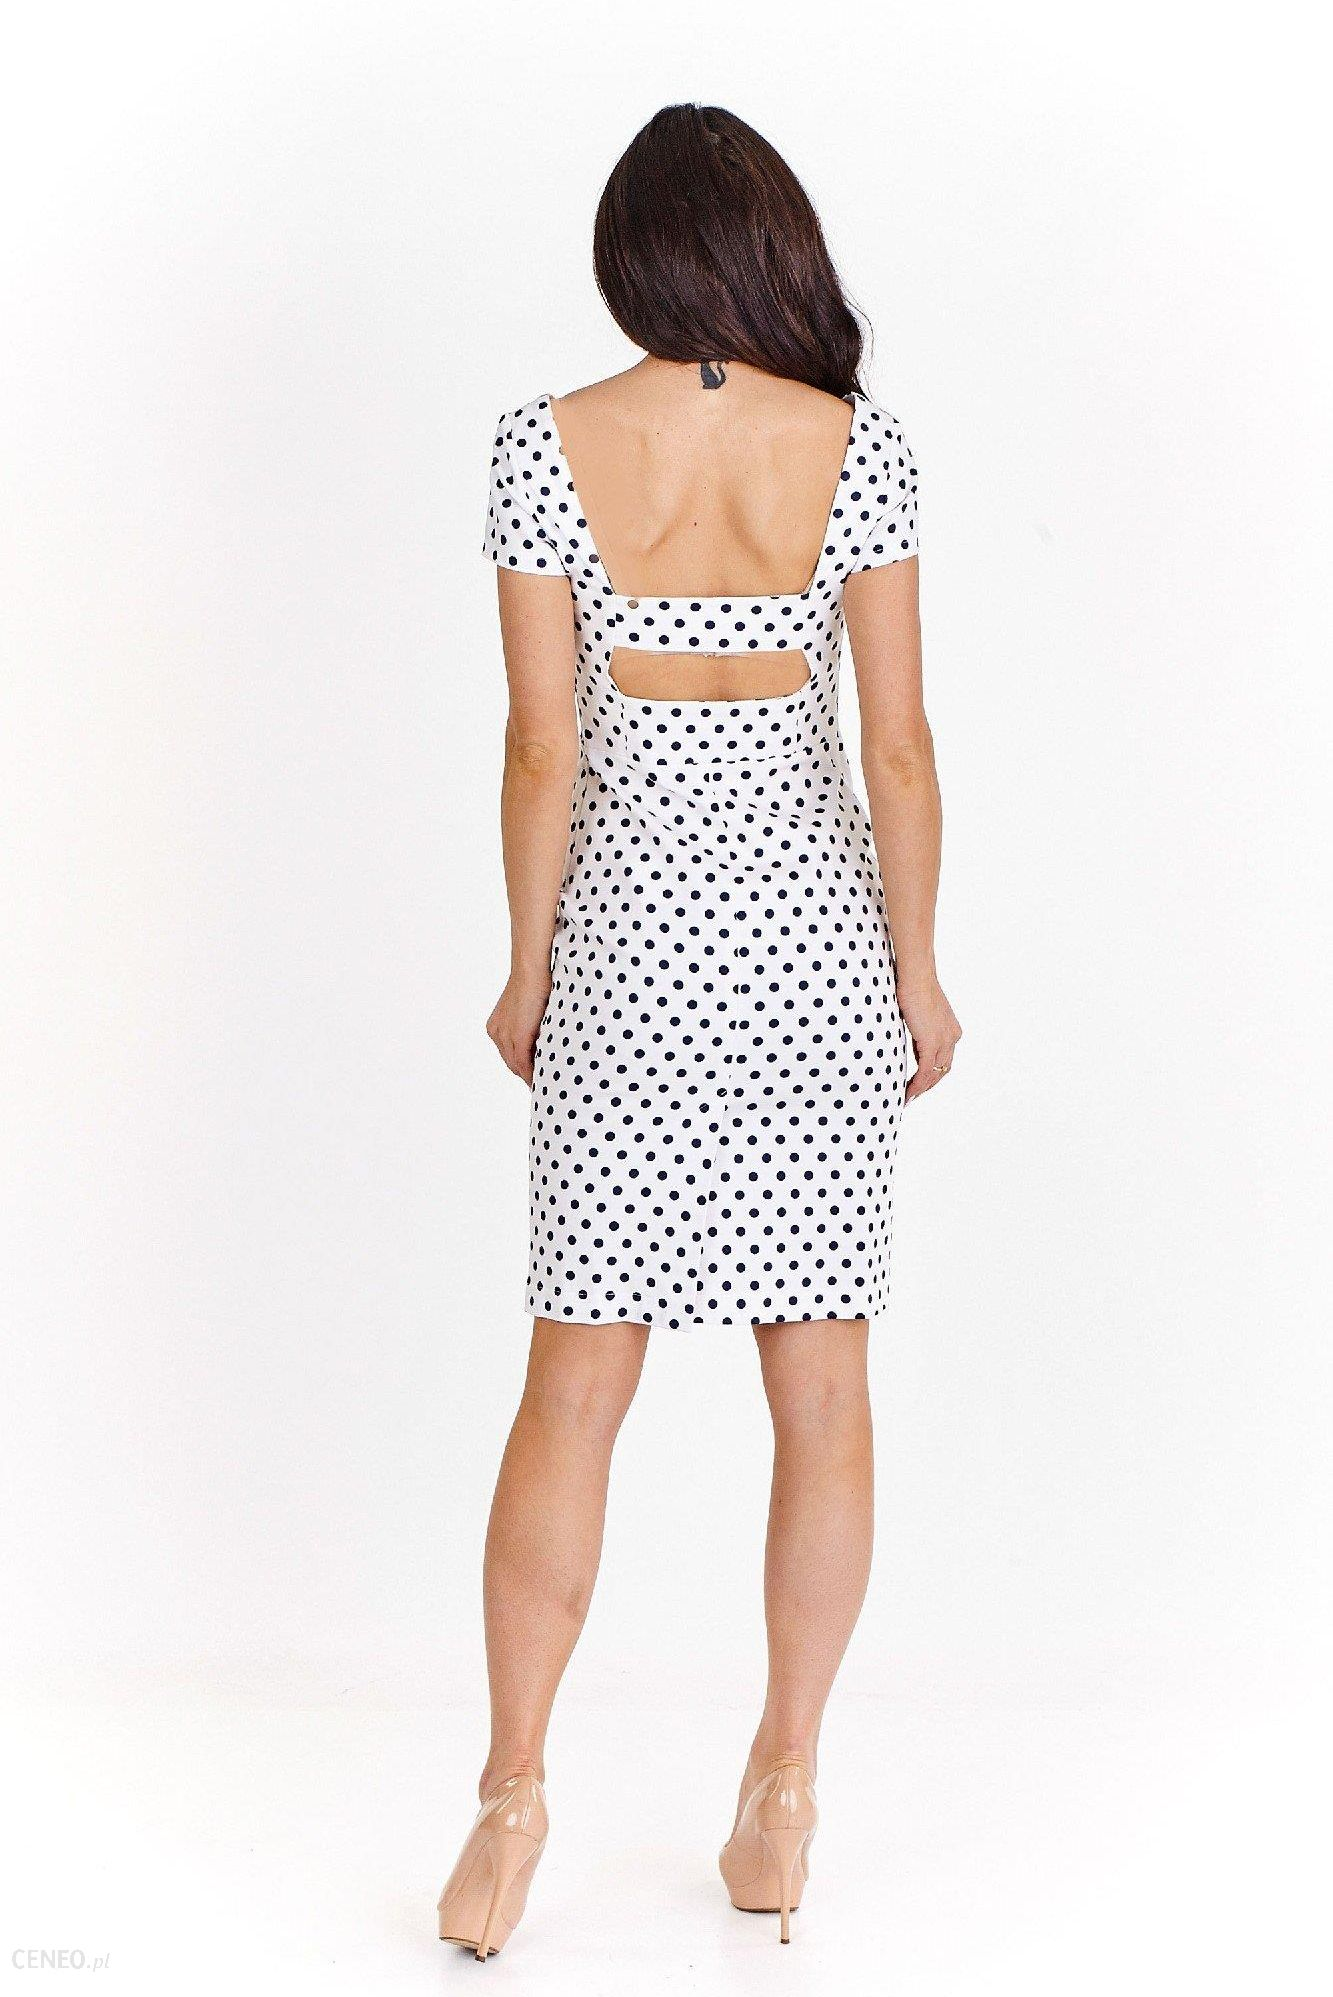 ad7dd301bf Ptak Moda Pudełkowa sukienka w grochy z krótkim rękawem M55992 biało-czarna  r. XS